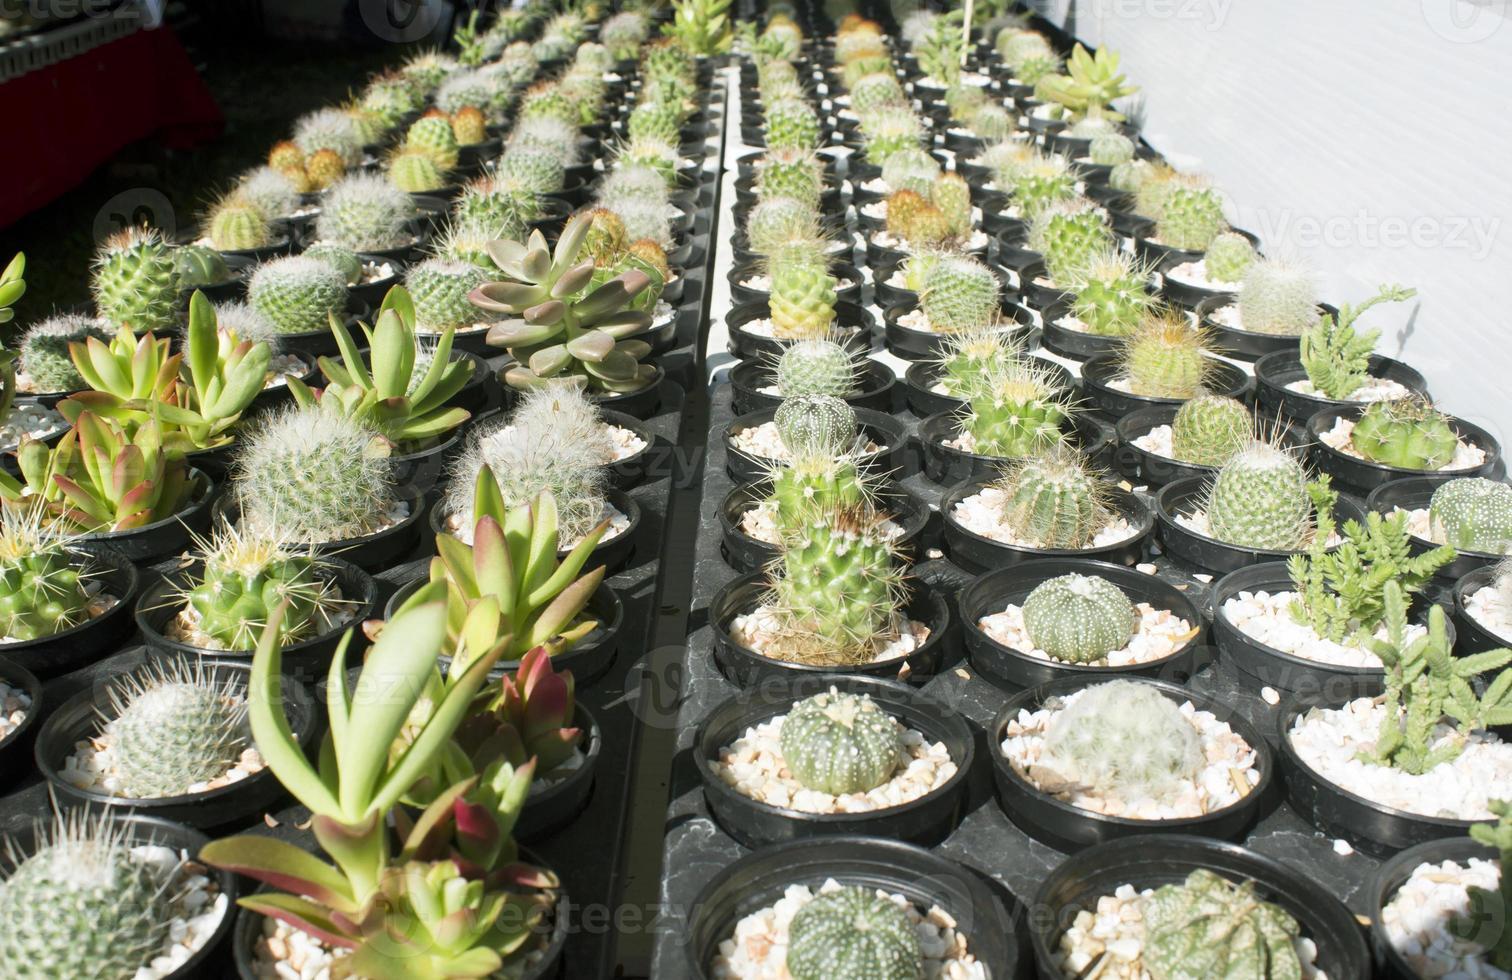 kaktus i krukor placerade tillsammans. foto